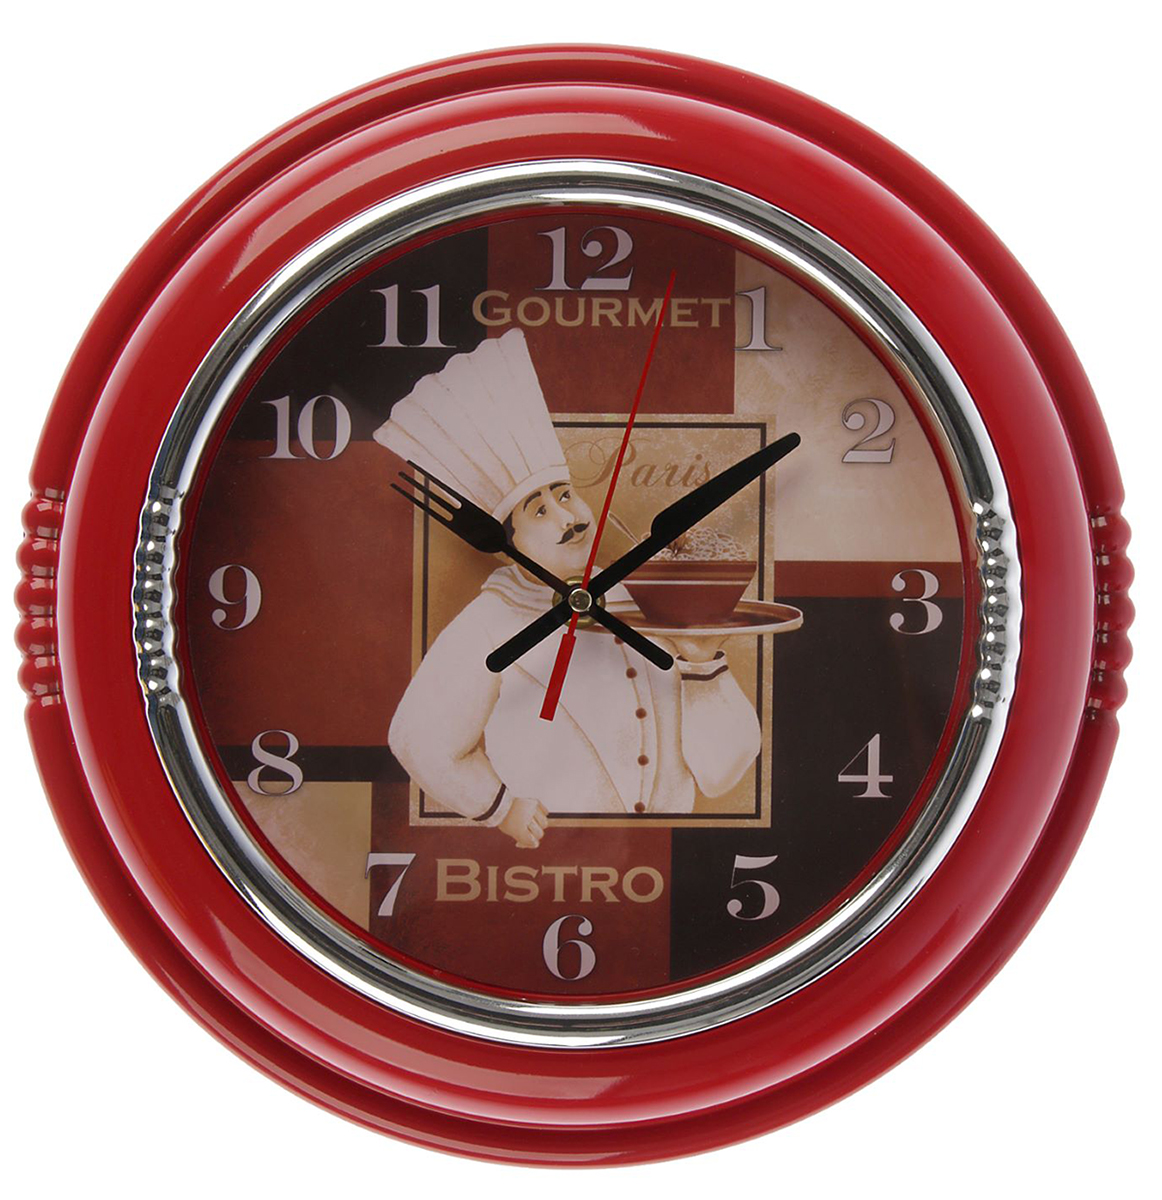 Часы настенные Поваренок, цвет: красный, диаметр 30 см хочу продать свою квартиру которая менее 3х лет и другую какие налоги надо заплатить